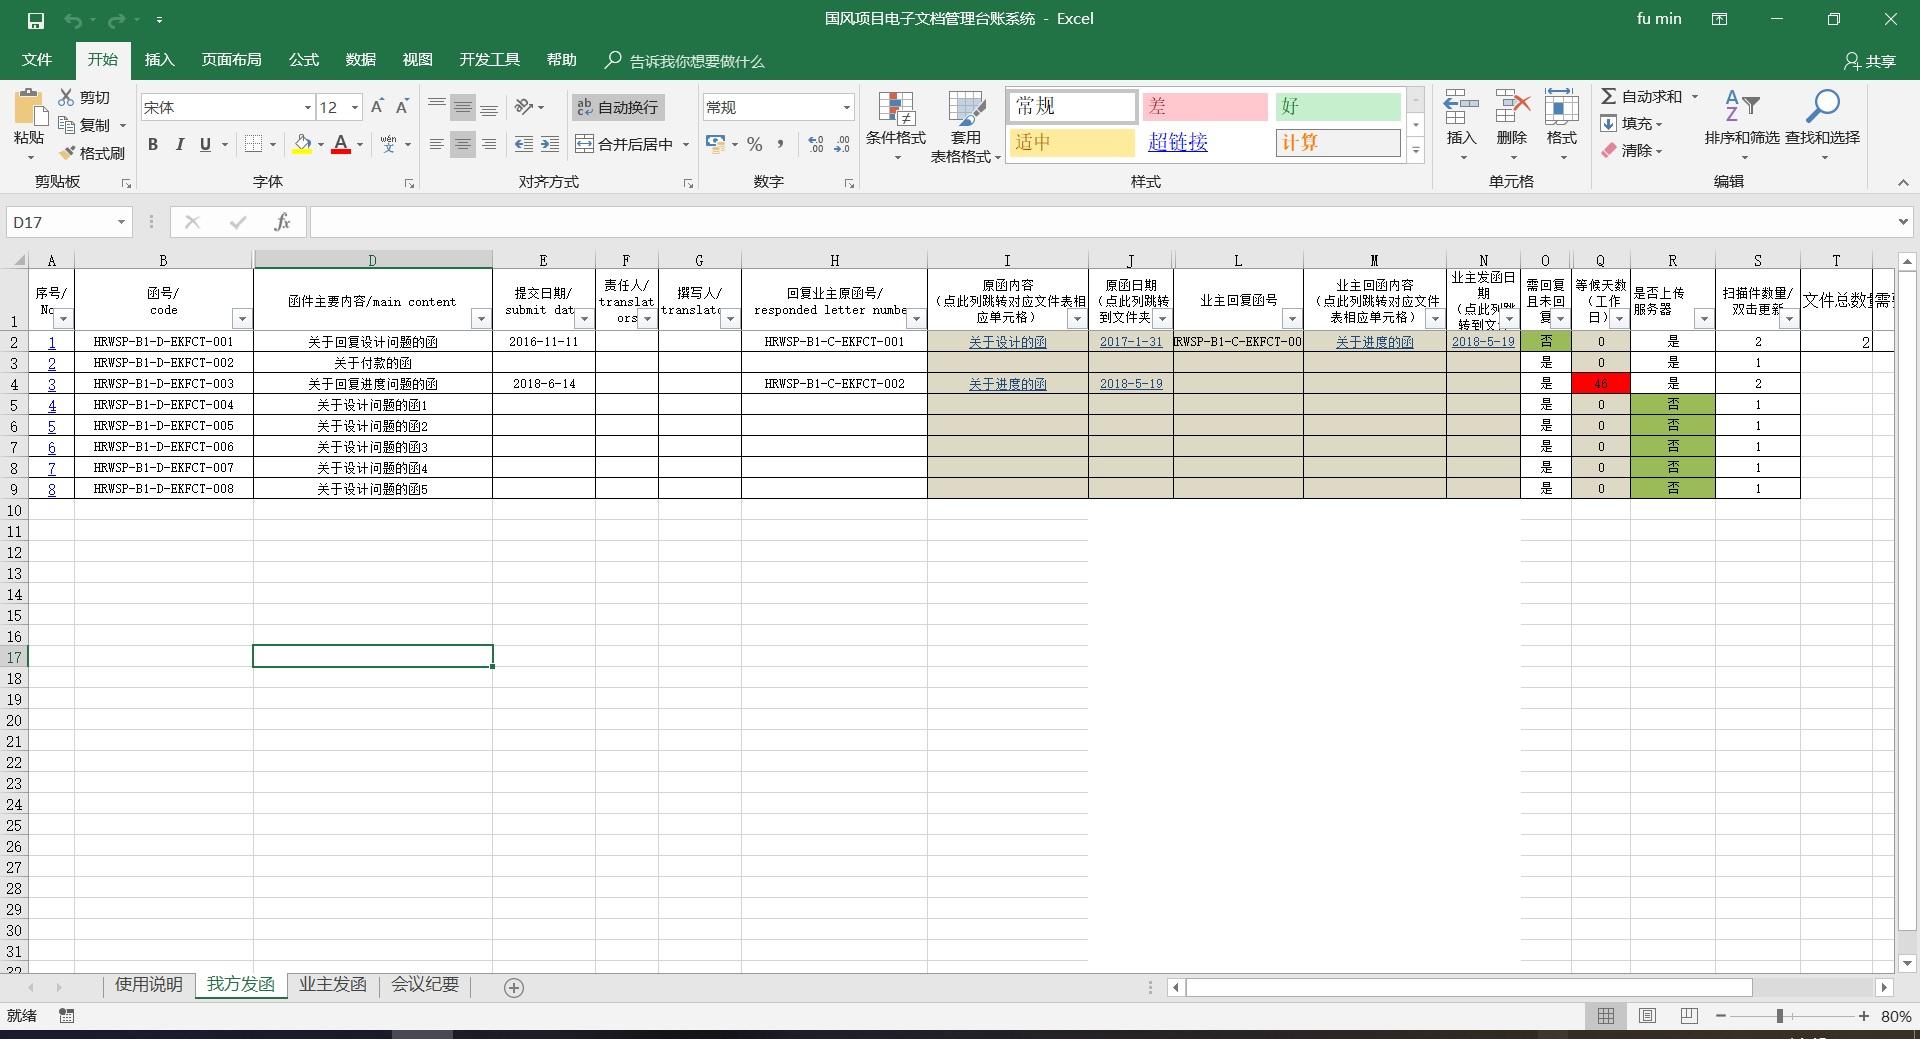 国风项目电子文档管理台账系统Build 20180818 官方版